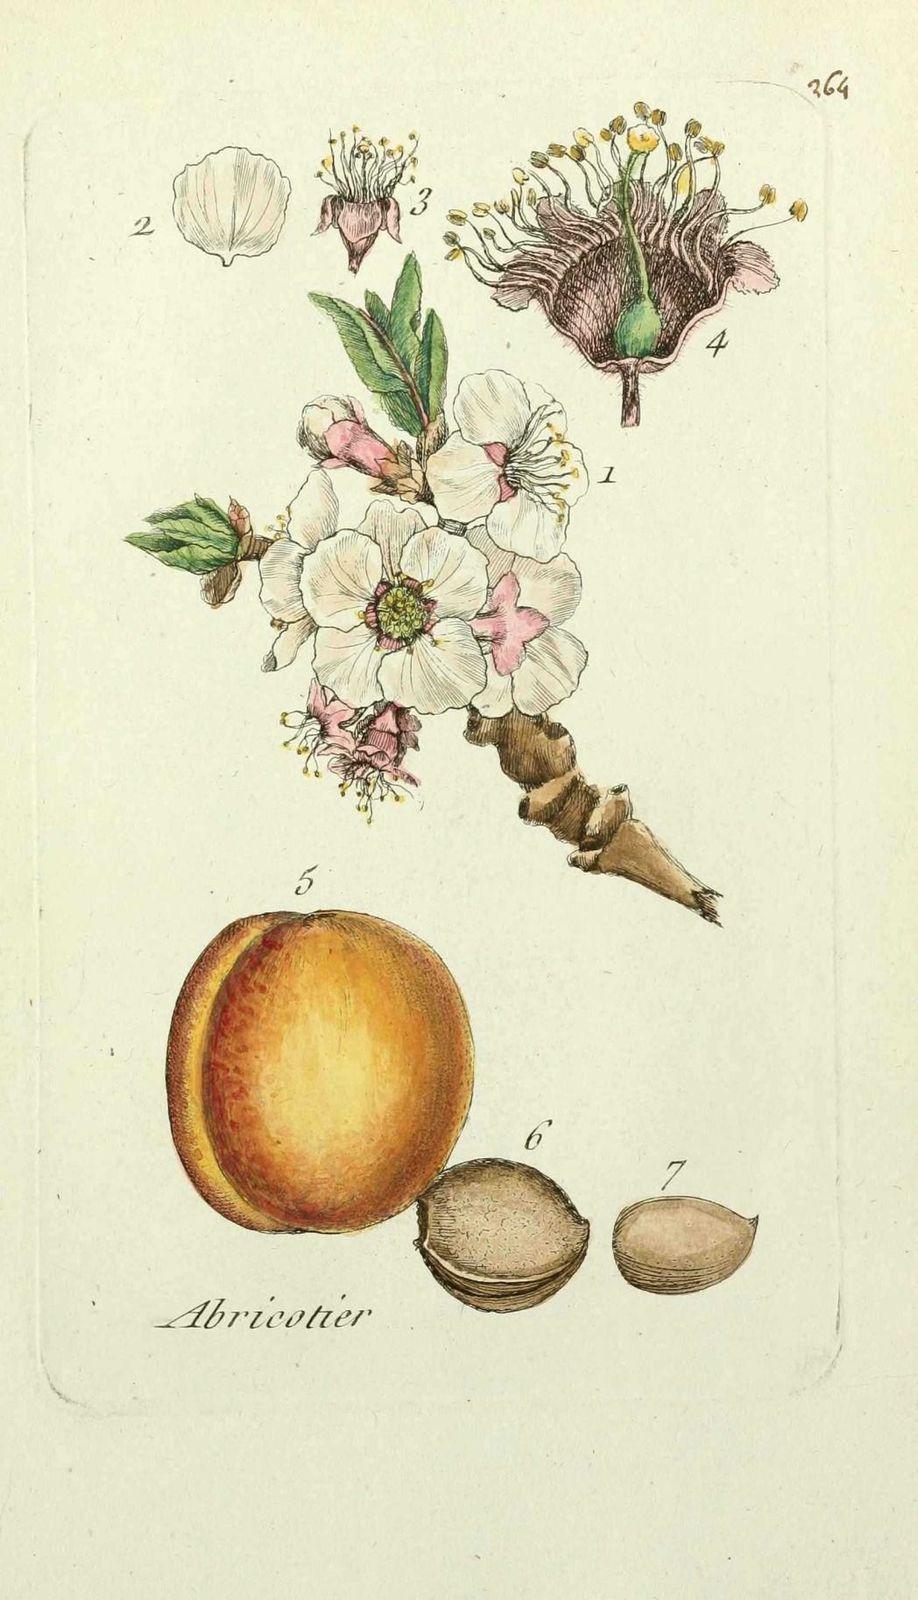 abricotier - prunus armeniaca